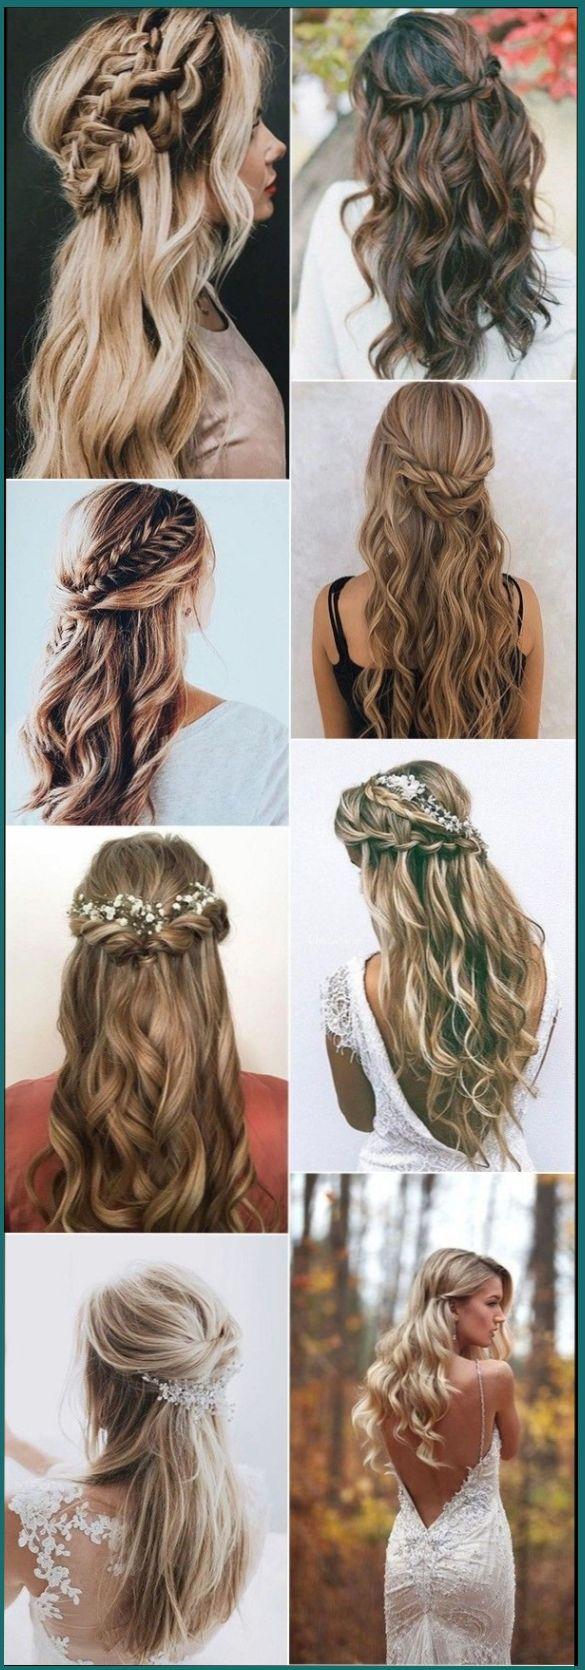 23 Peinados Para Damas De Honor 2019 Peinados Peinadosfaciles Peinadospara Peina Peinados Para Damas De Honor Peinados Pelo Suelto Boda Peinados Para Boda